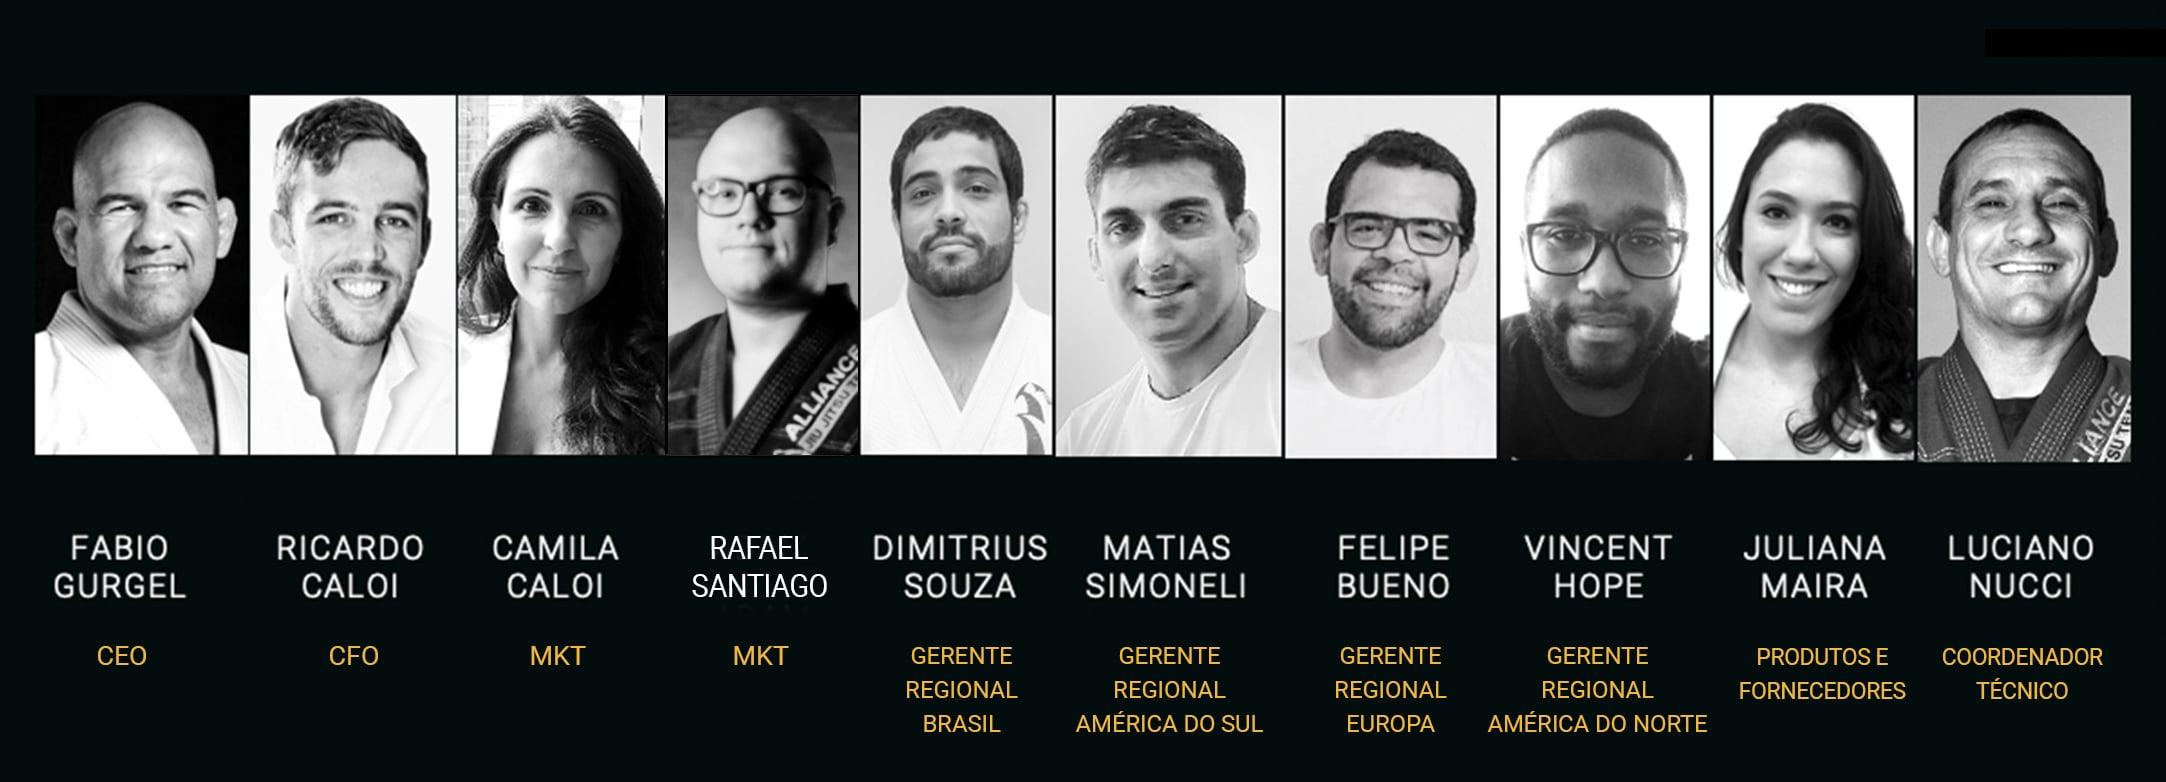 Time da Associação Alliance de jiu Jitsu - Staff